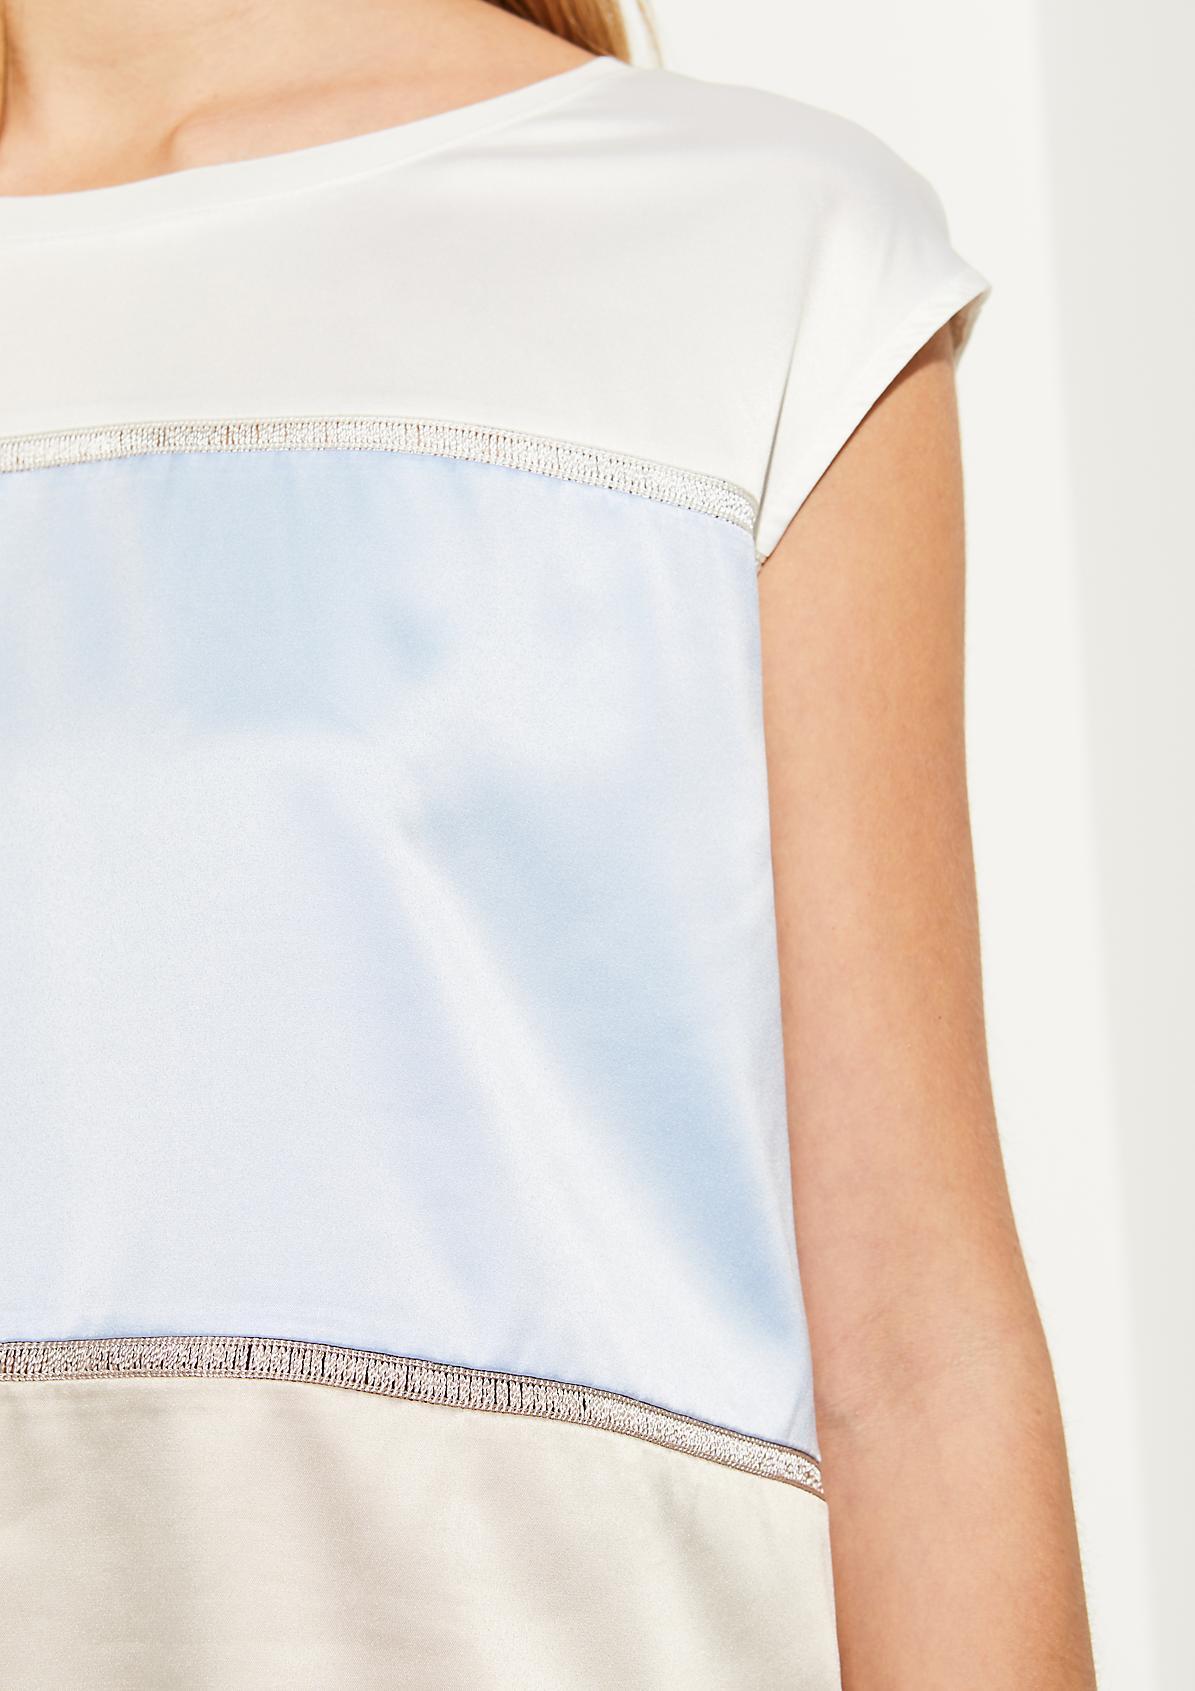 Shirt im aufregenden Materialmix